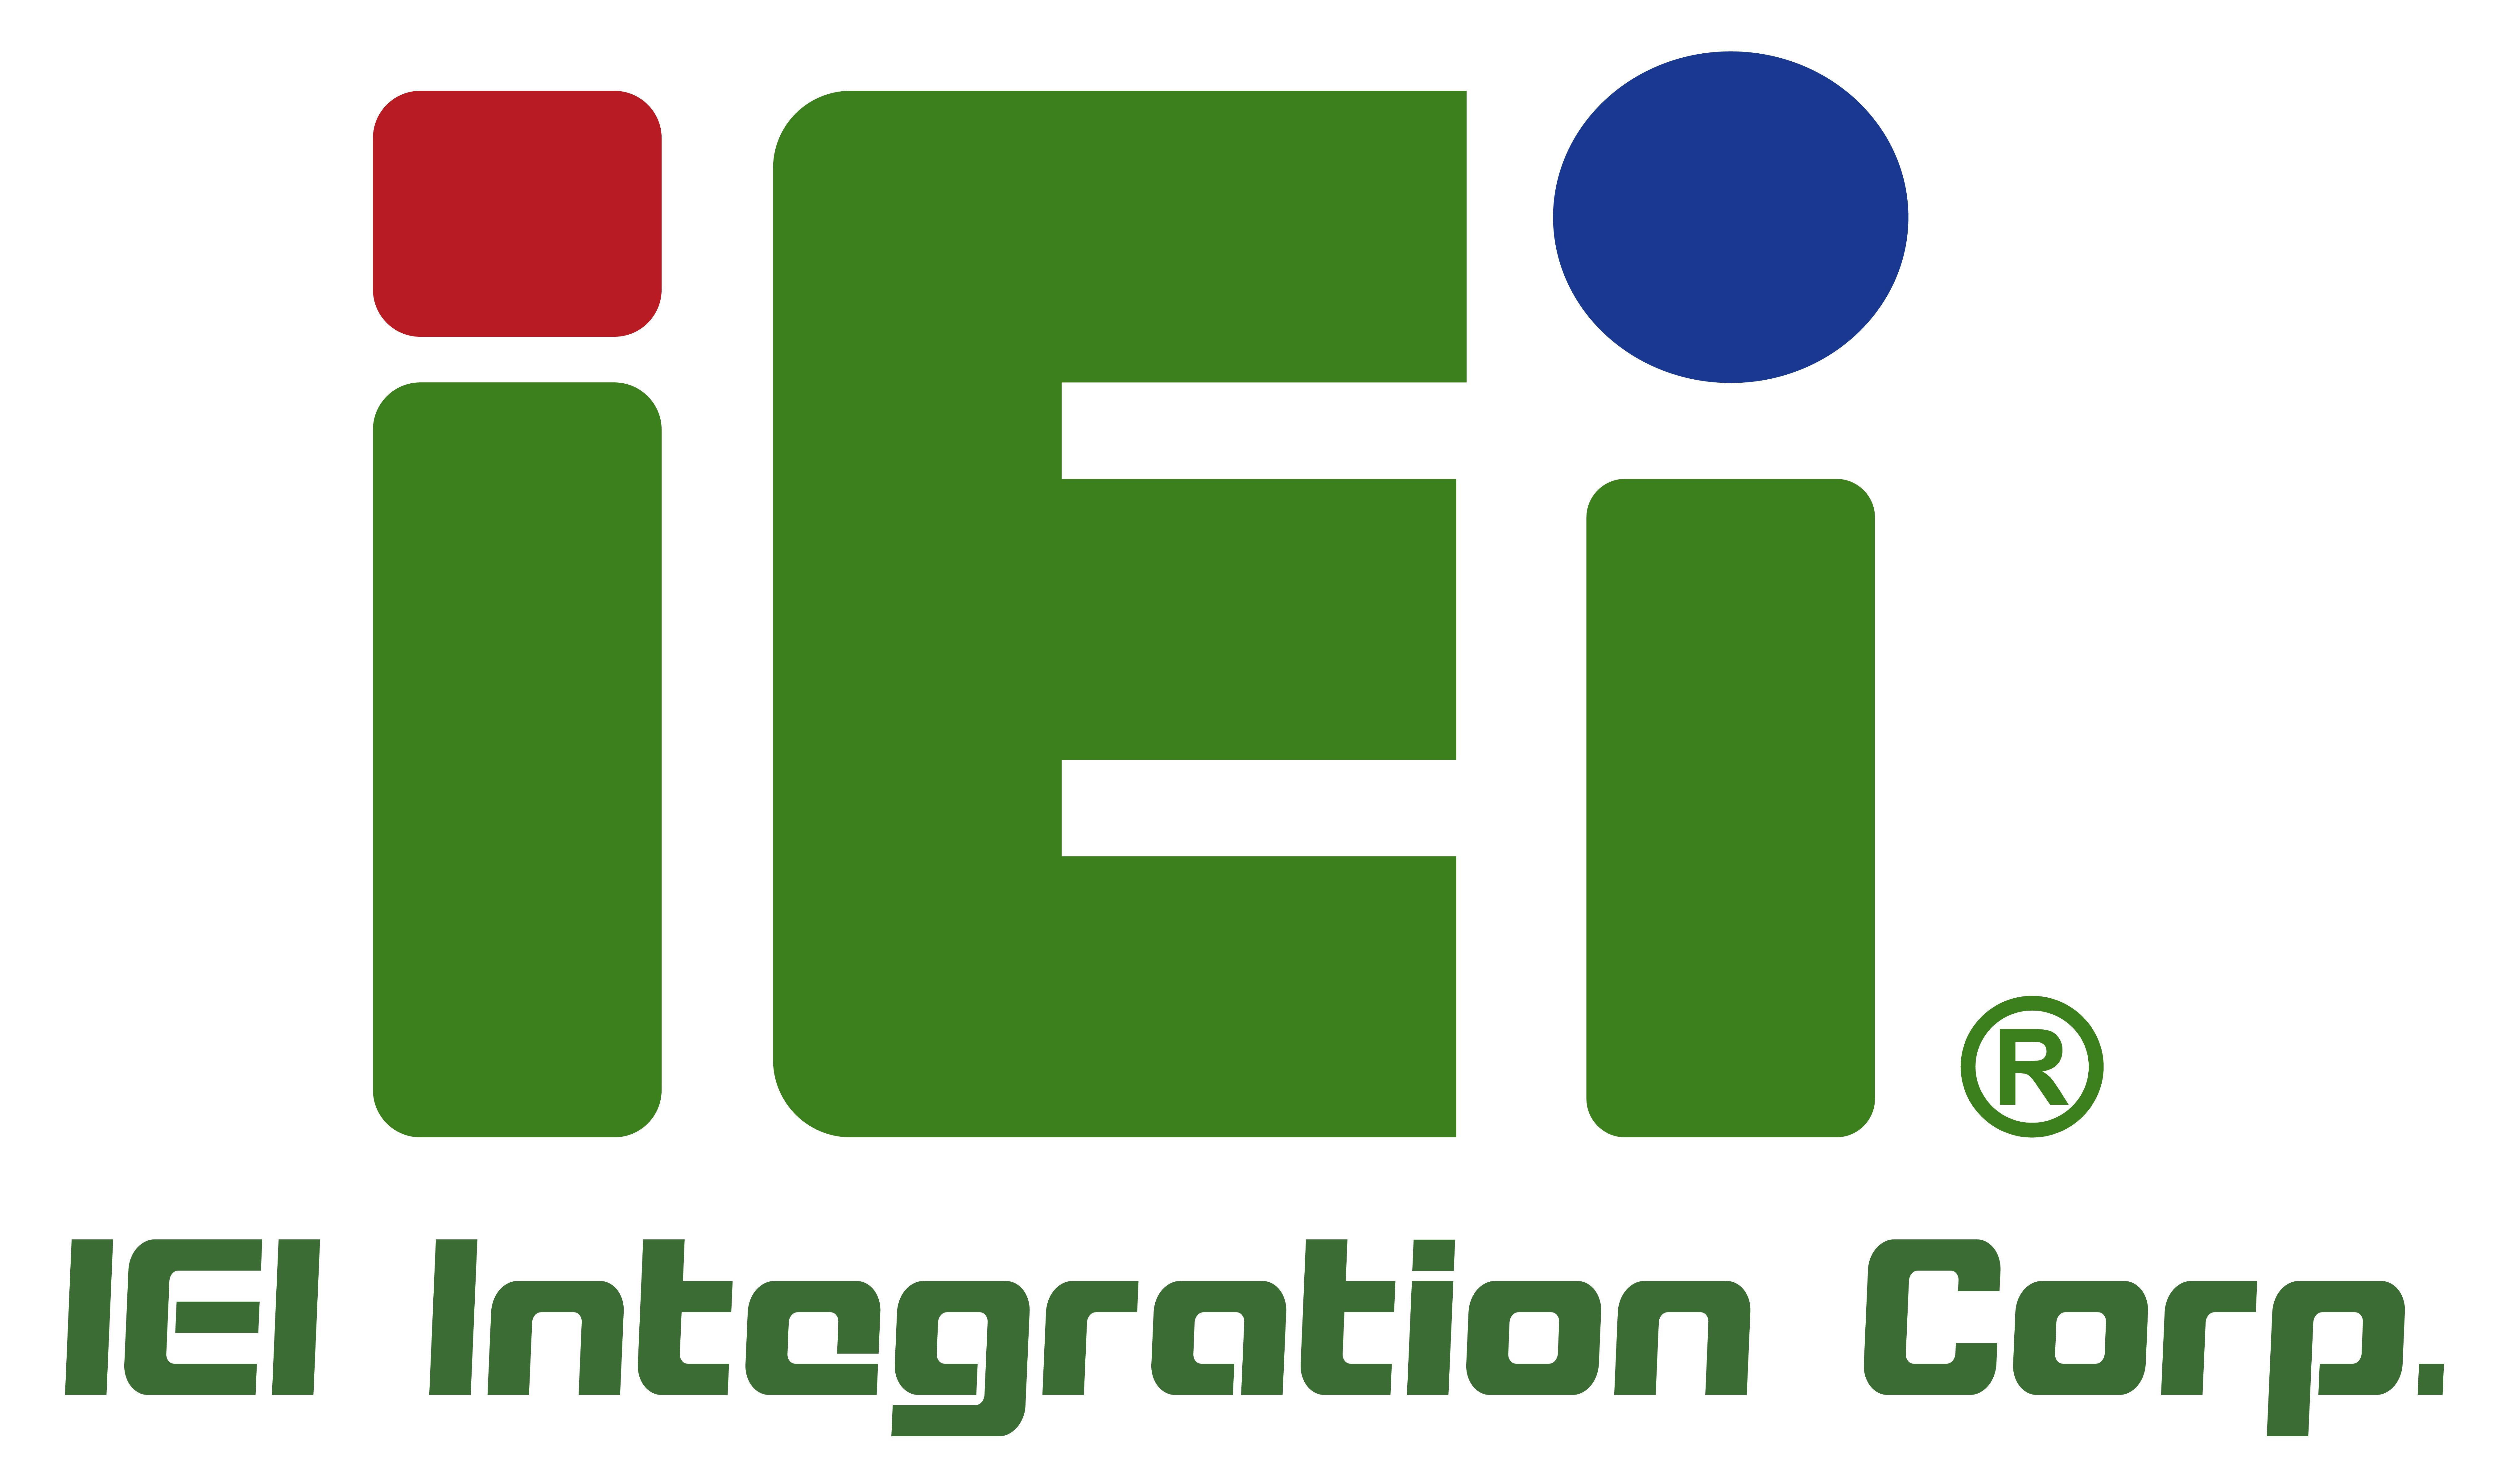 威強電工業電腦股份有限公司-Logo